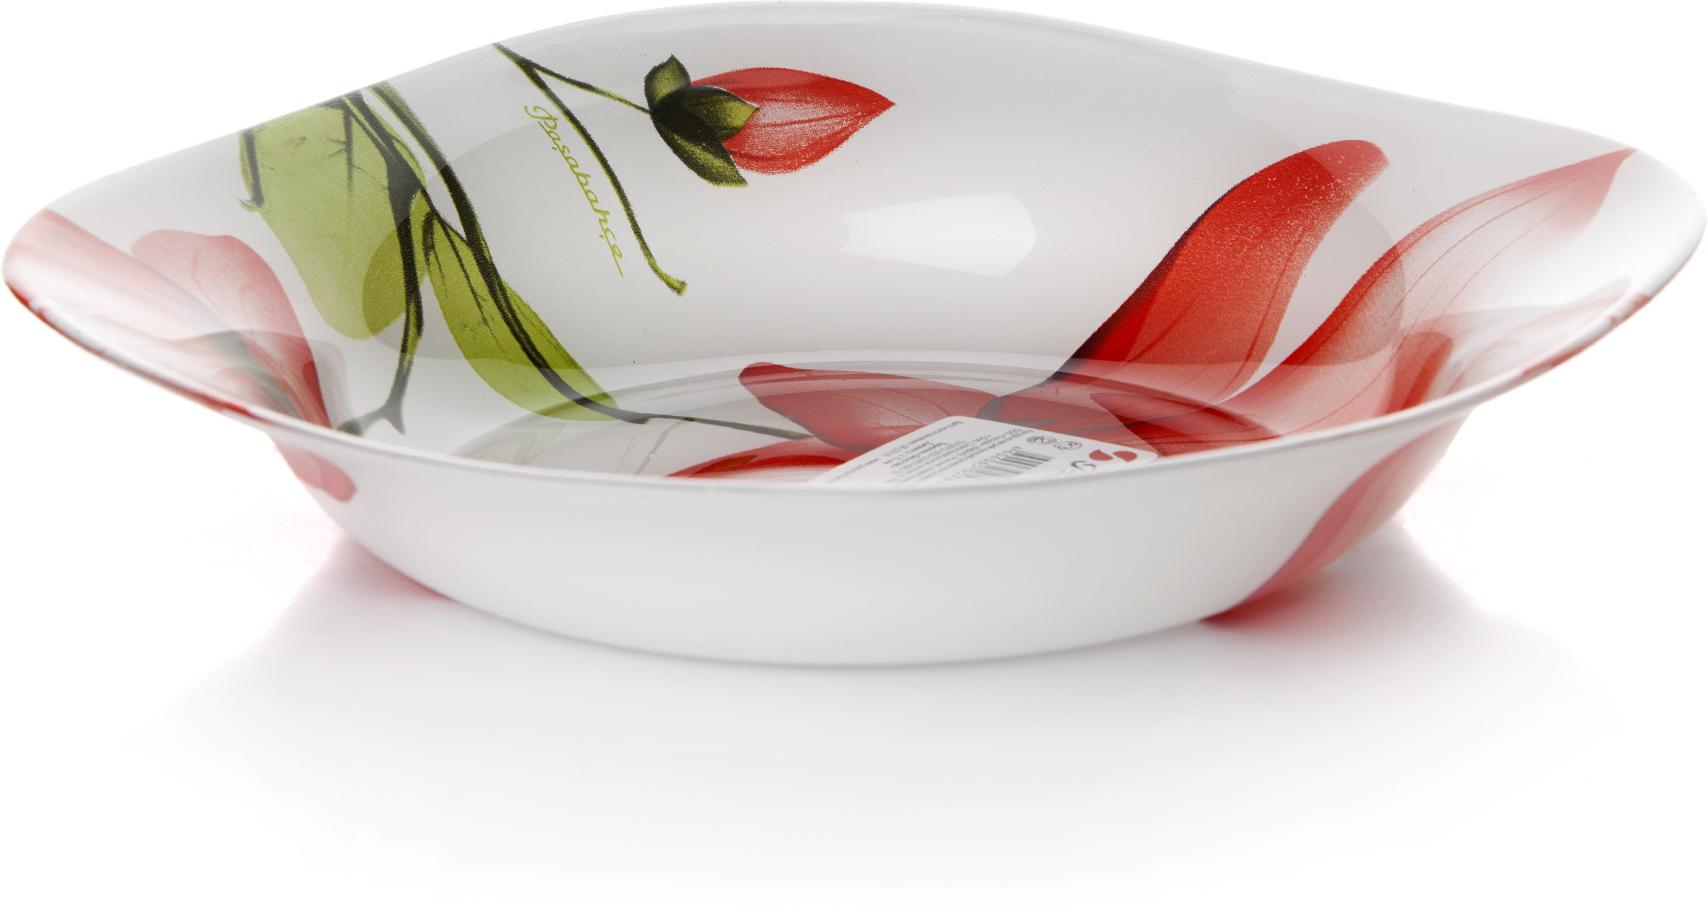 Тарелка глубокая Pasabahce Экзотик, цвет: белый, диаметр 21,5 см10496SLBD2Тарелка Pasabahce изготовлена из упрочненного закаленного натрий-кальций- силикатного стекла с повышенной термостойкостью.